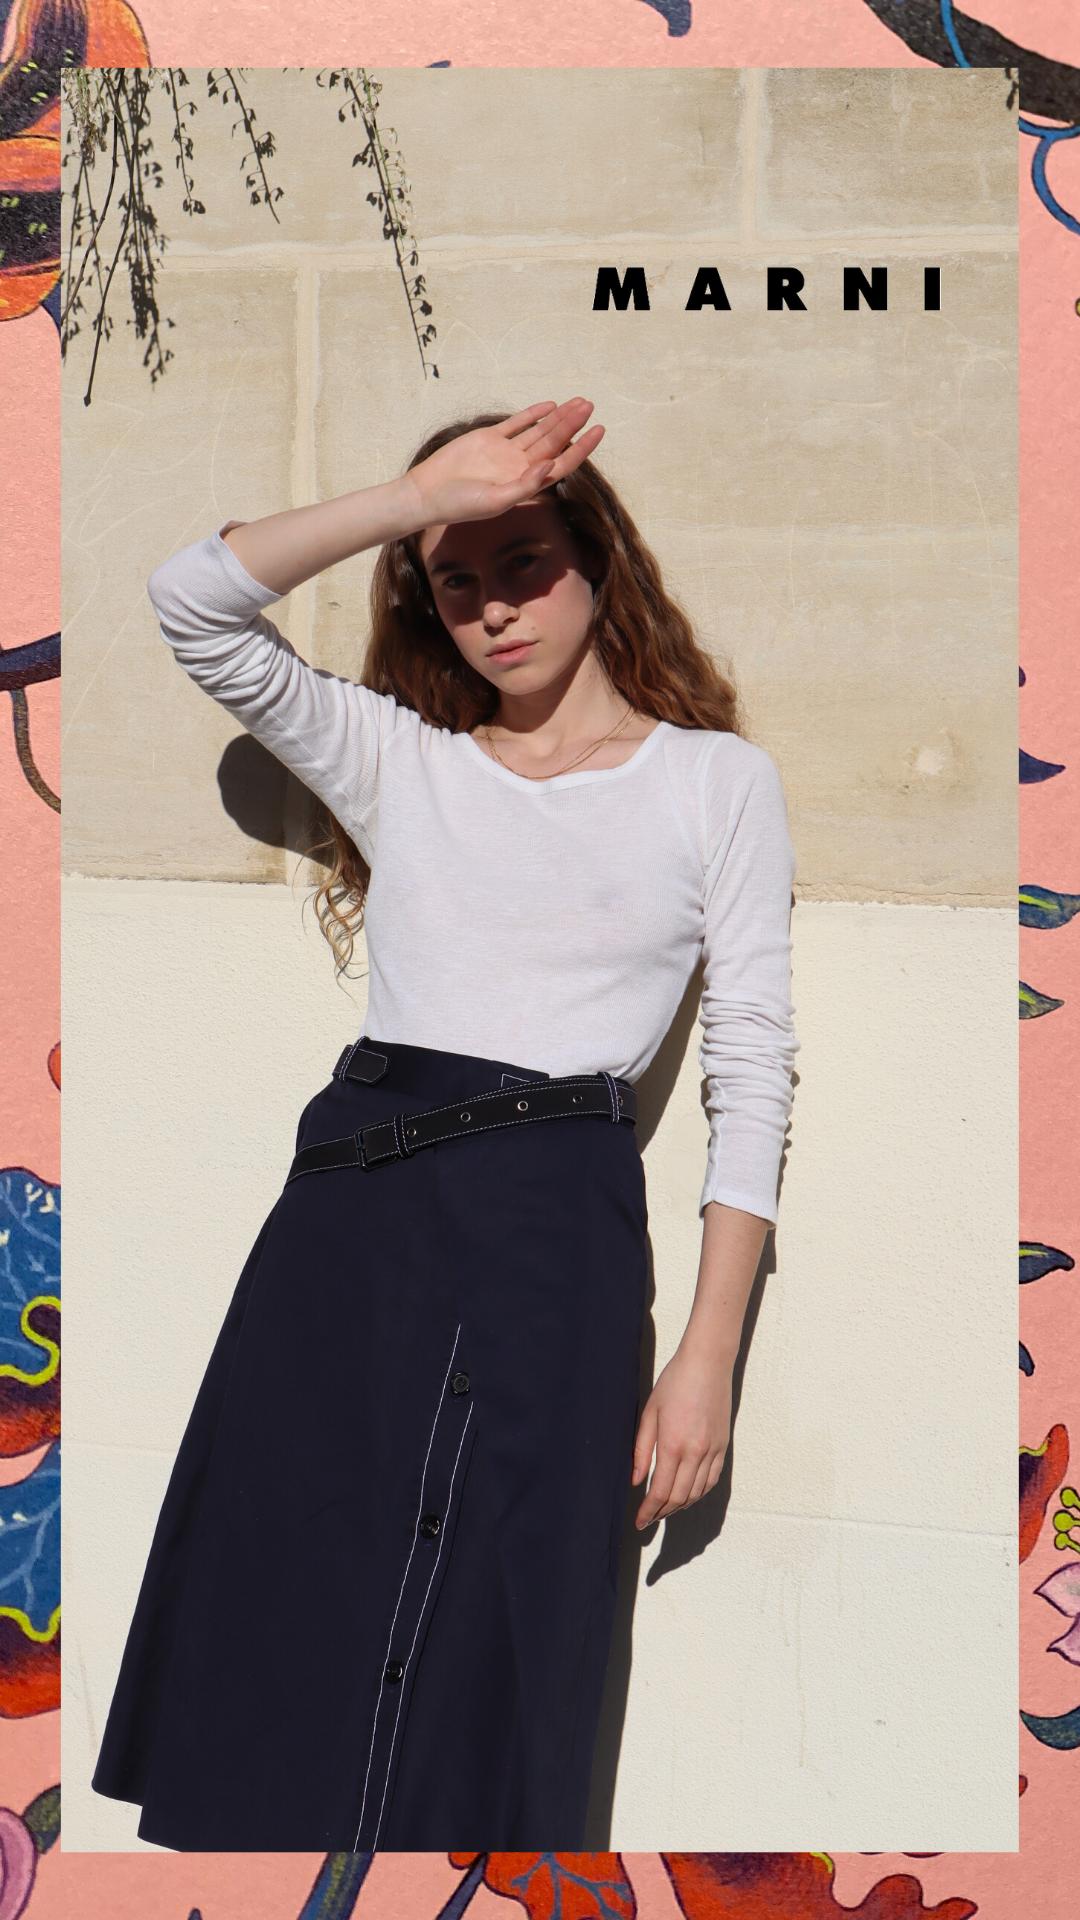 Marni Skirt - 270€